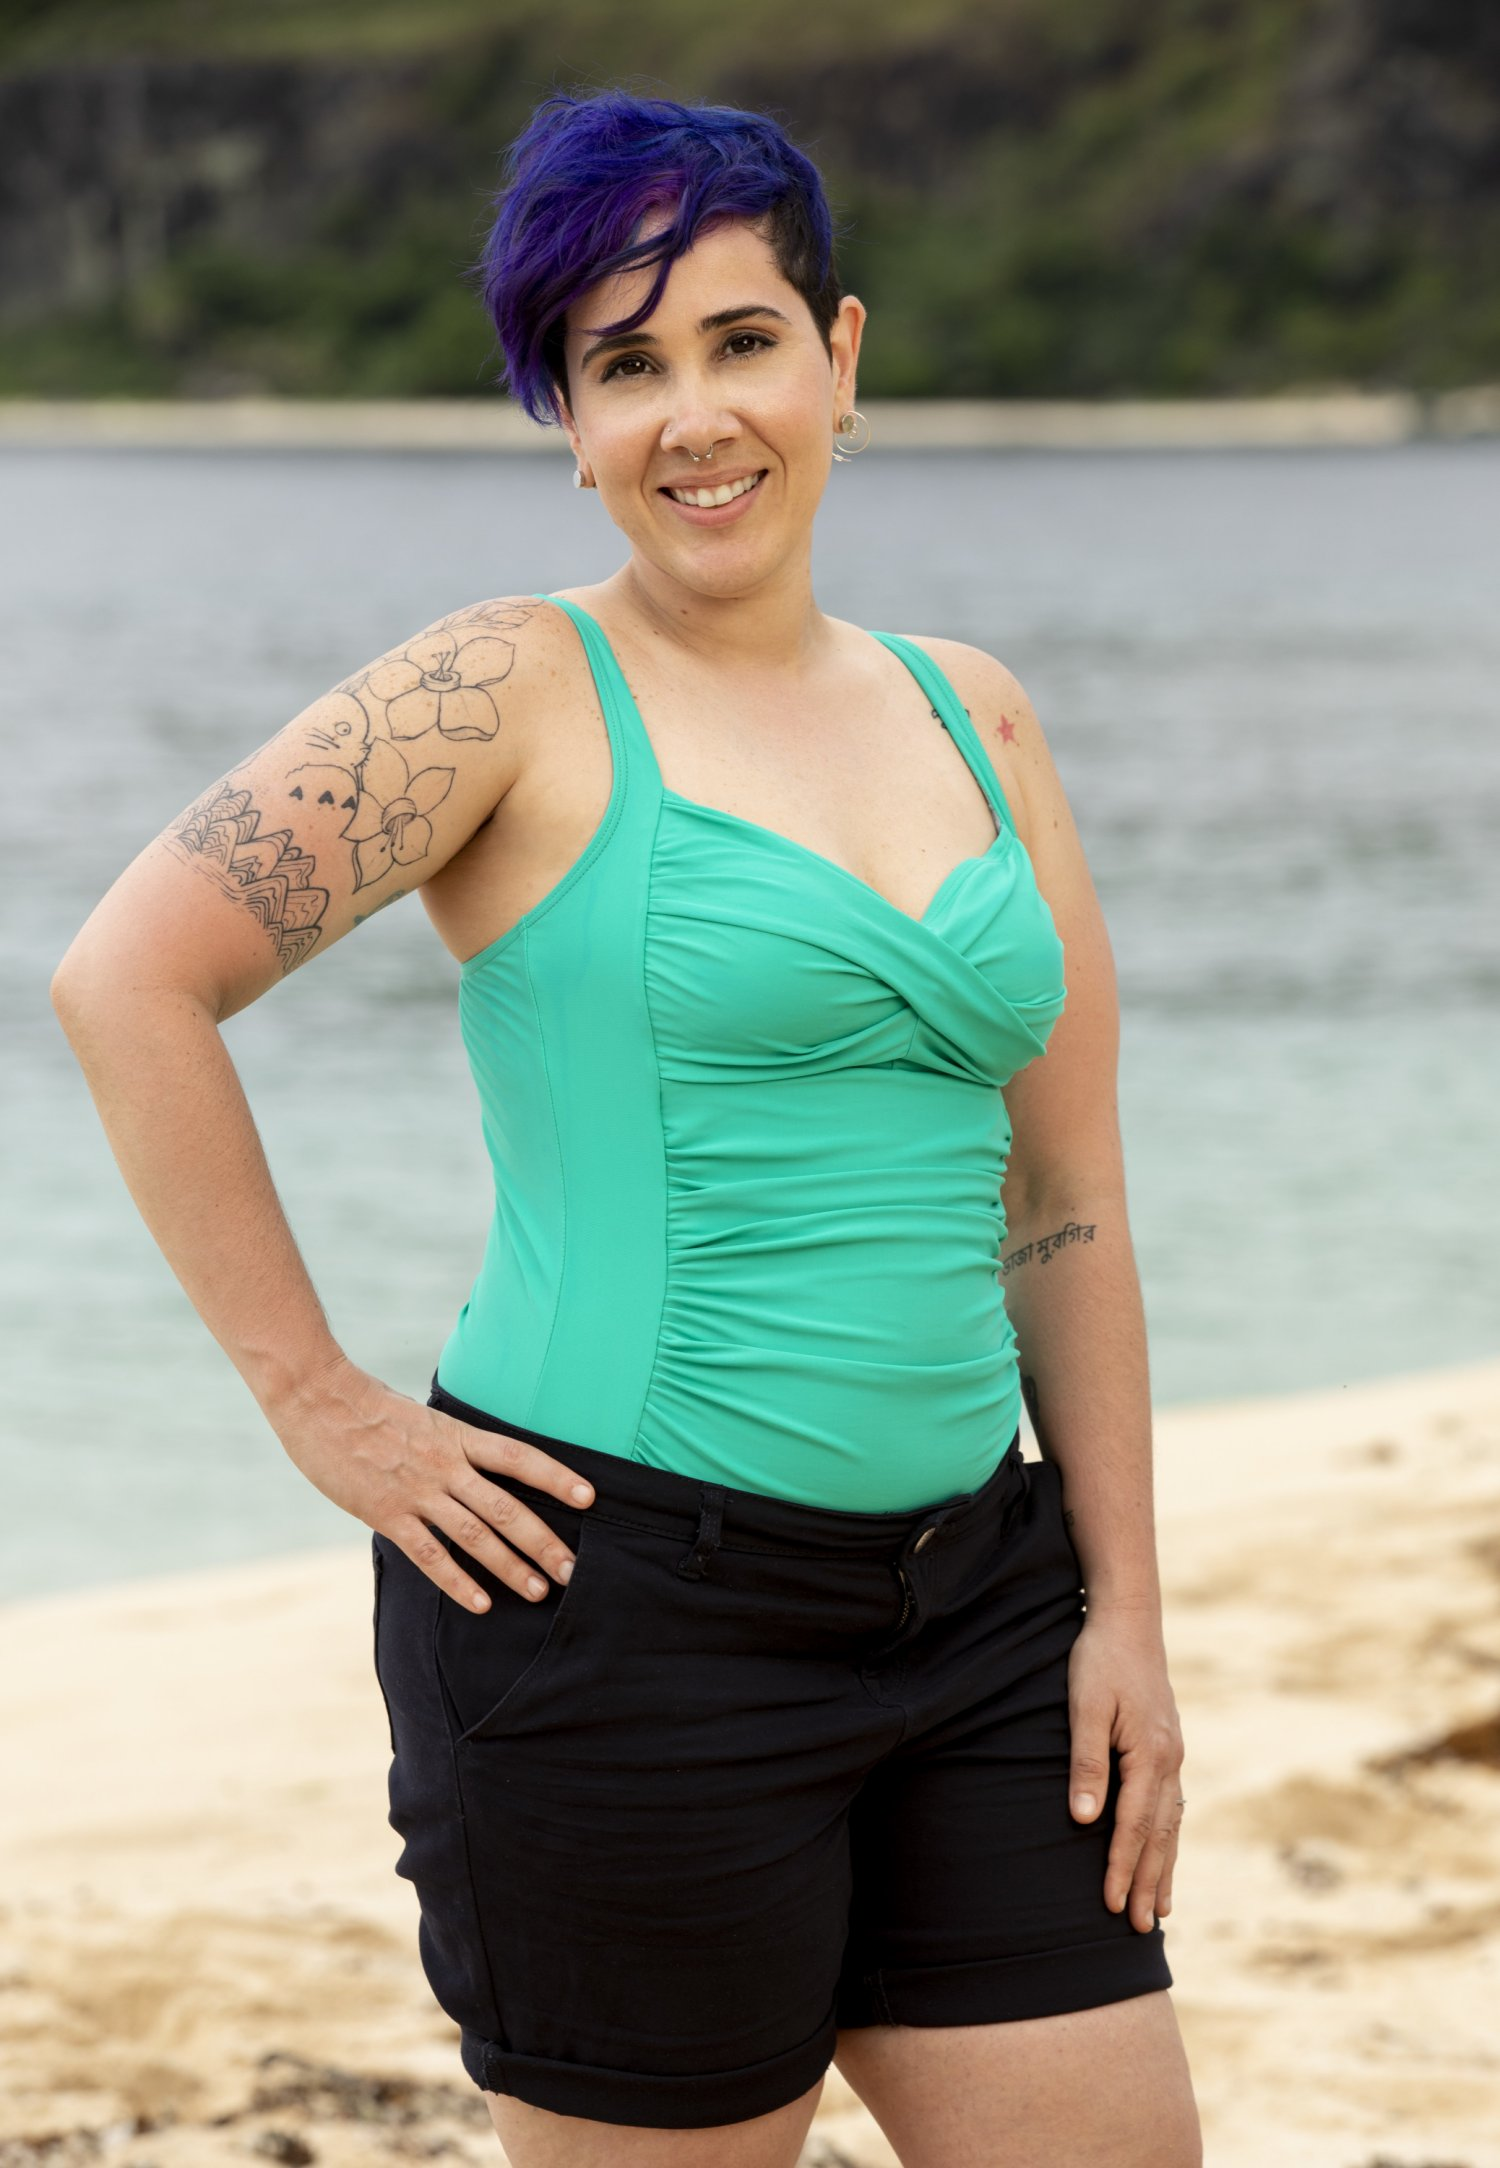 Lyrsa Torres